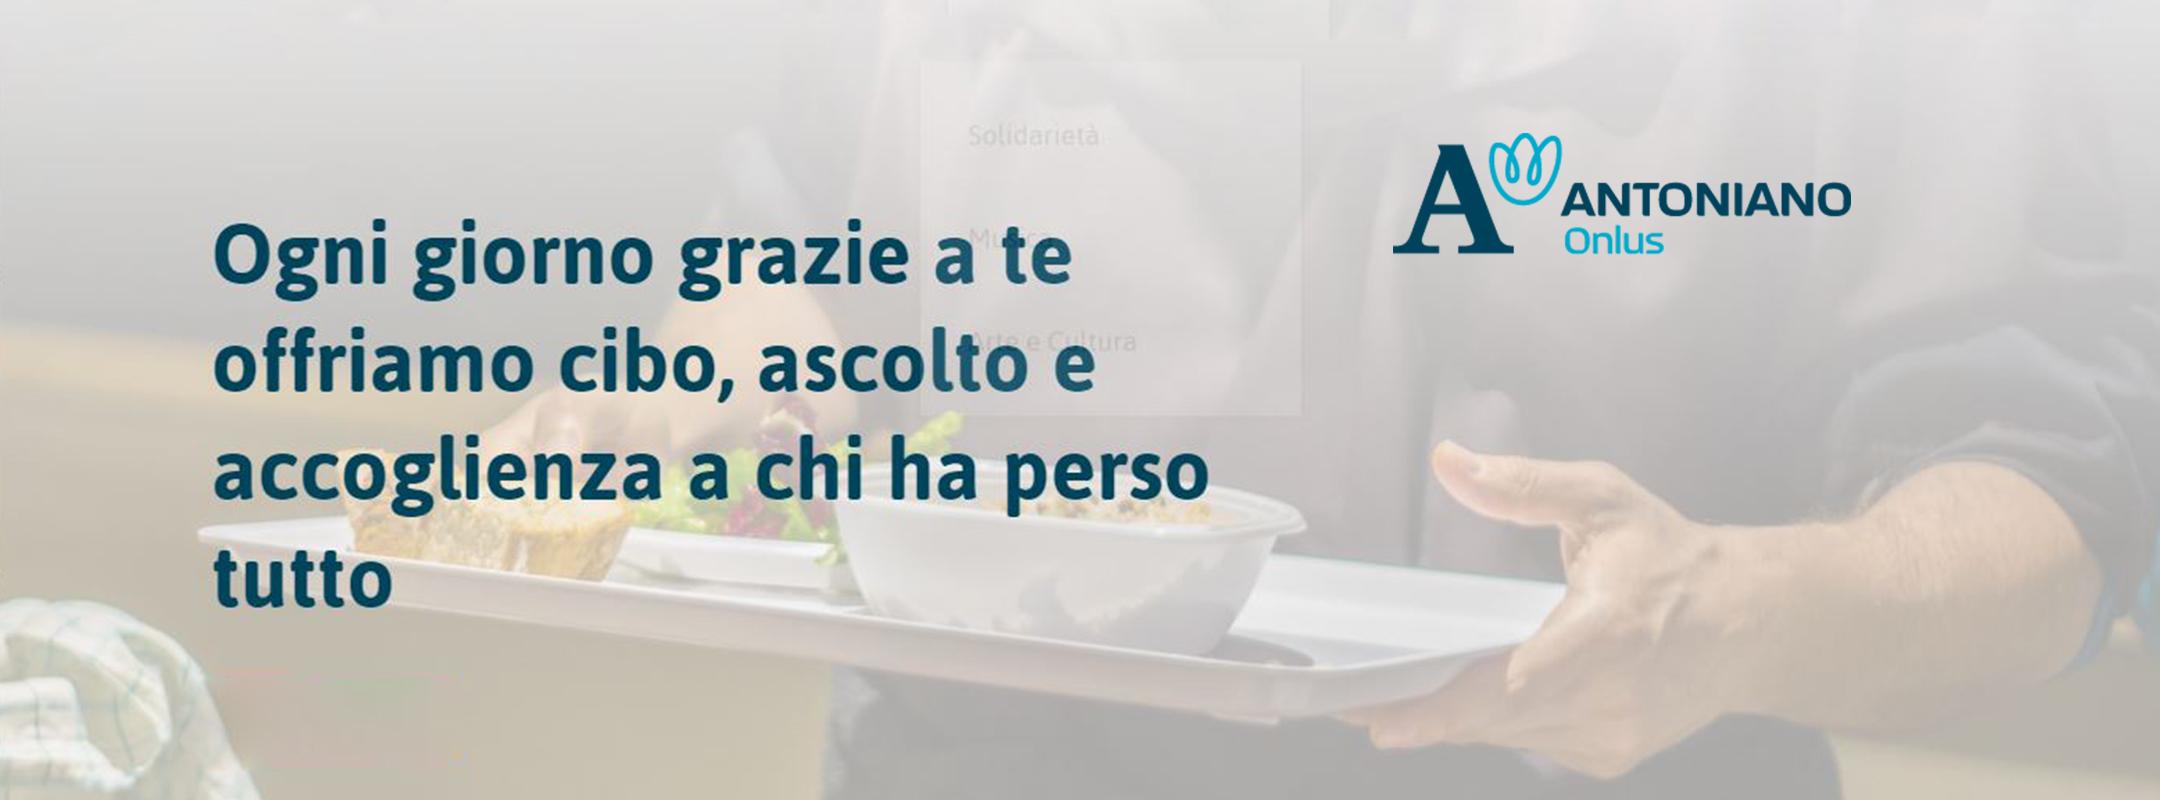 A SOSTEGNO DELL'OPERAZIONE PANE DELL'ANTONIANO ONLUS